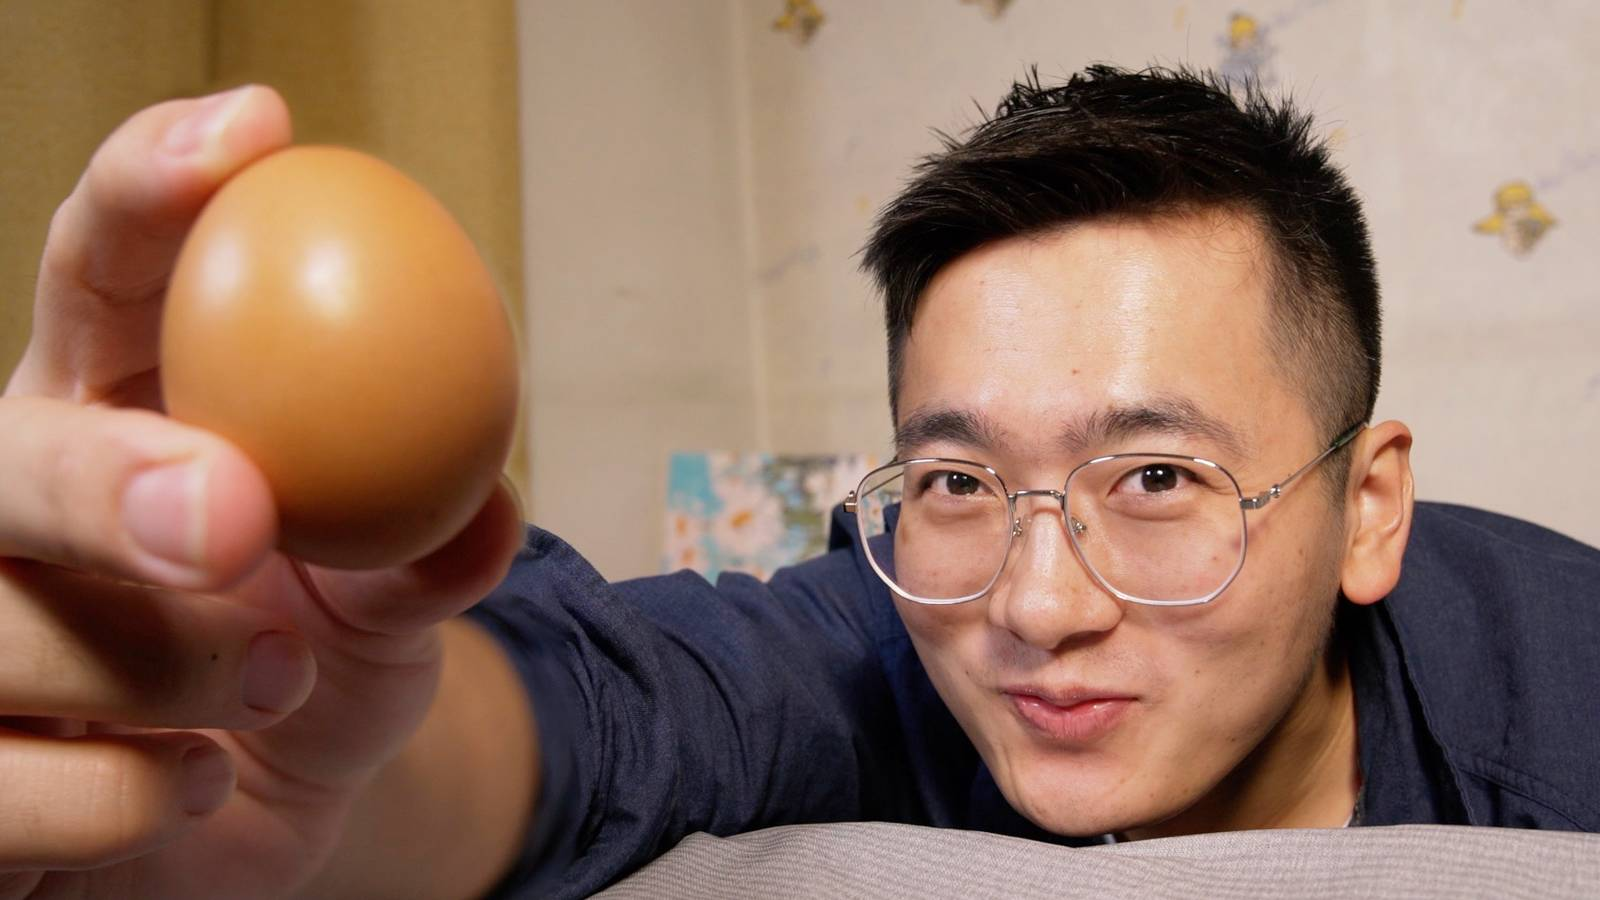 【深夜饿人】教你把鸡蛋做成吃不起的样子